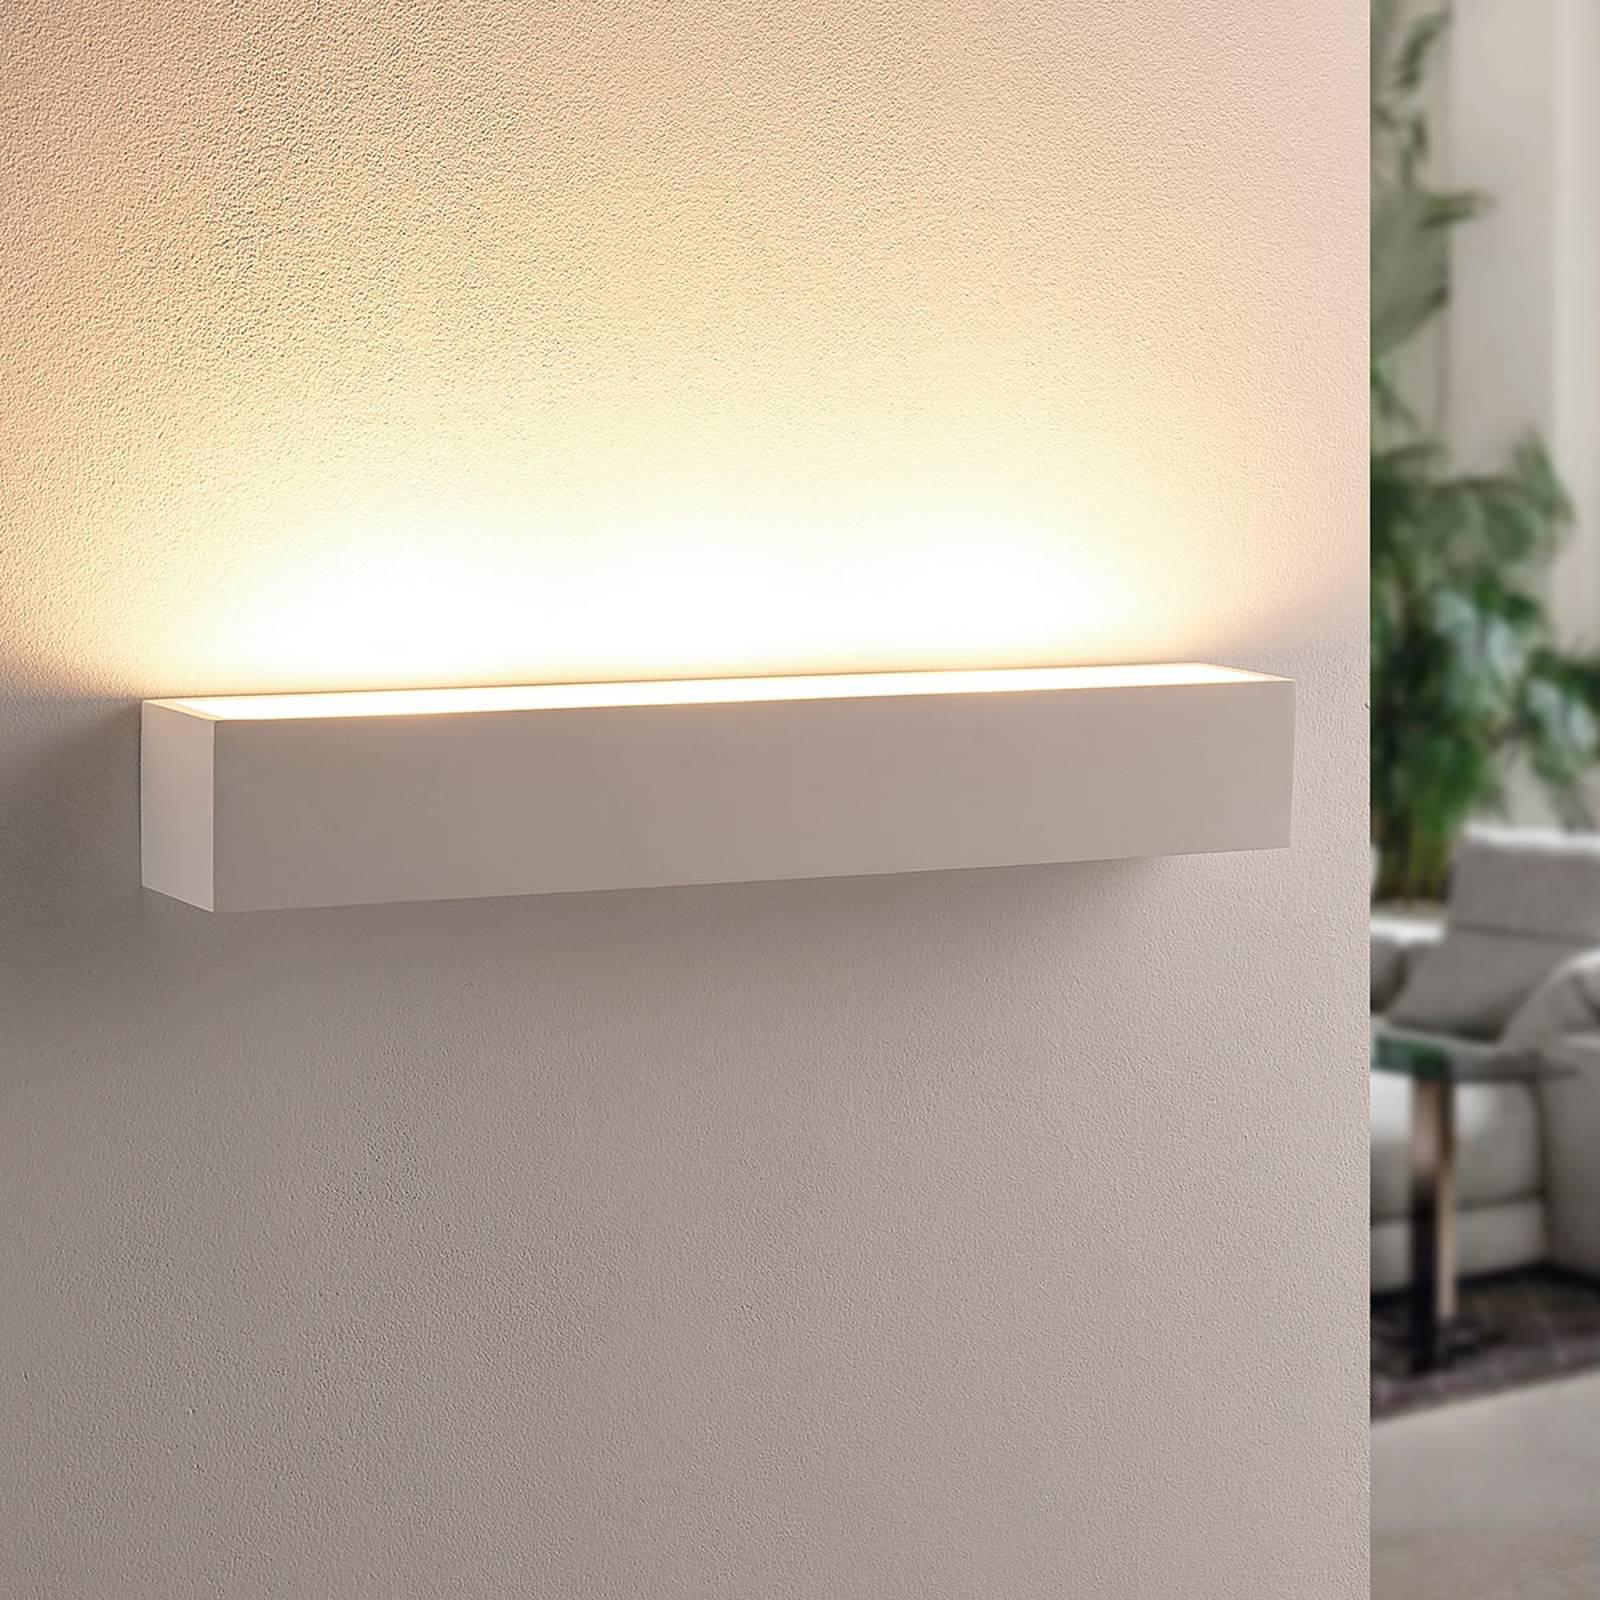 Hvit LED-vegglampe i gips Santino, firkantet